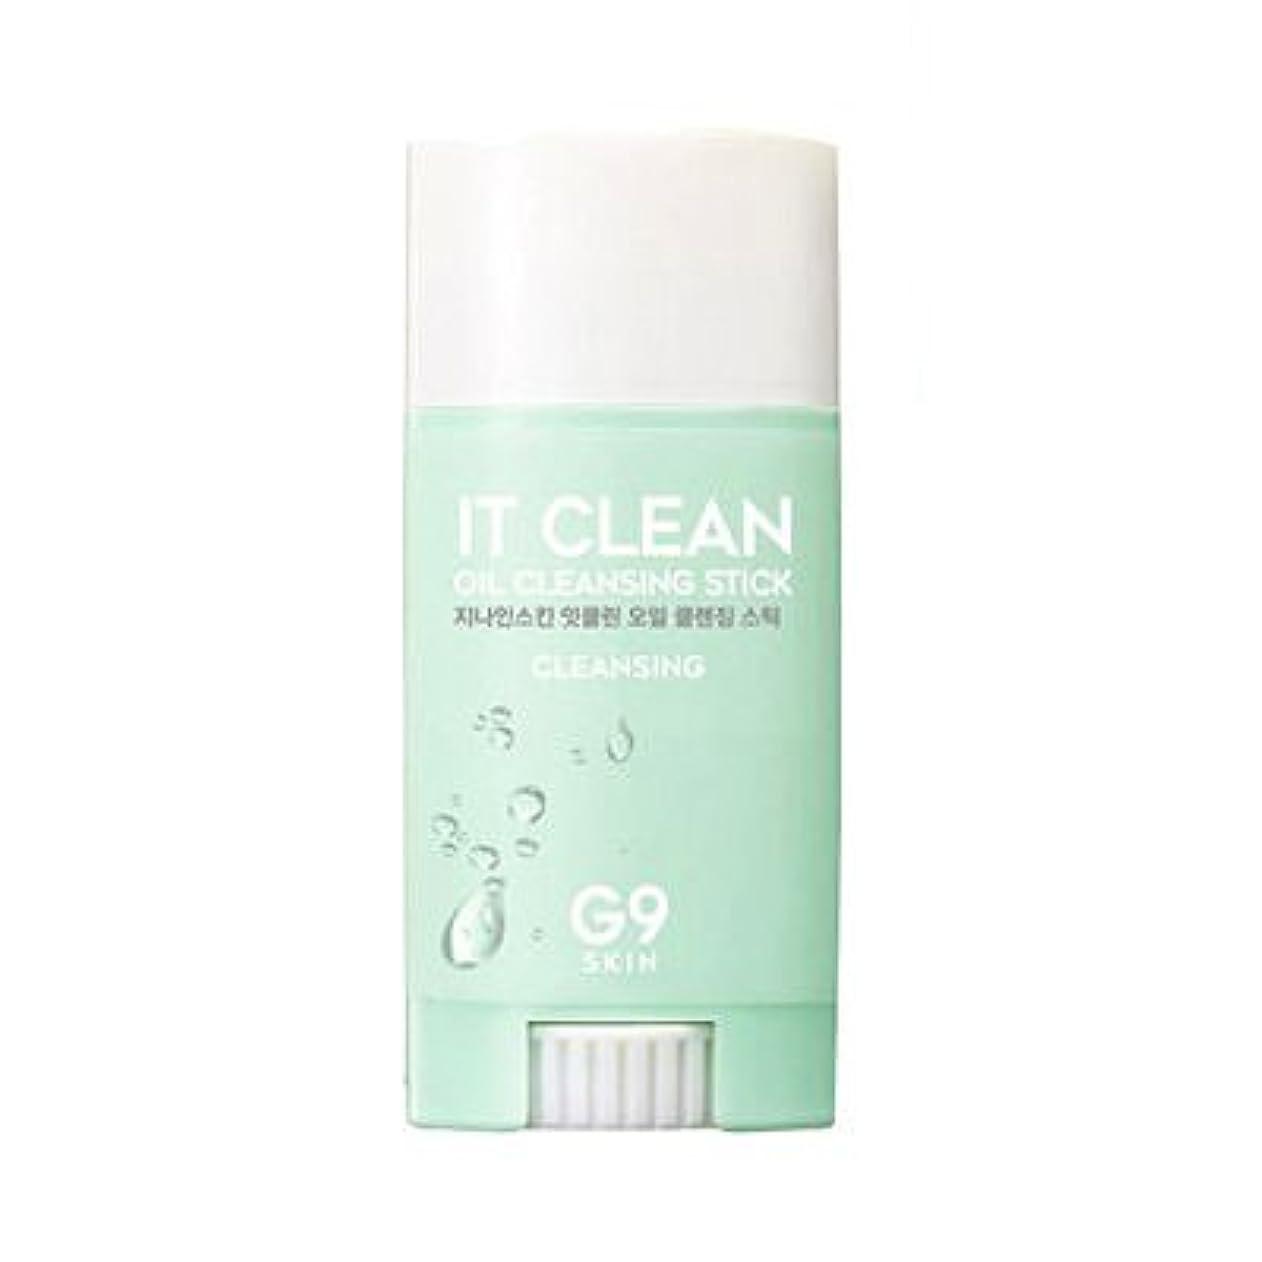 満州寮衝動G9SKIN(ベリサム) It Clean Oil Cleansing Stick イットクリーンオイルクレンジングスティック